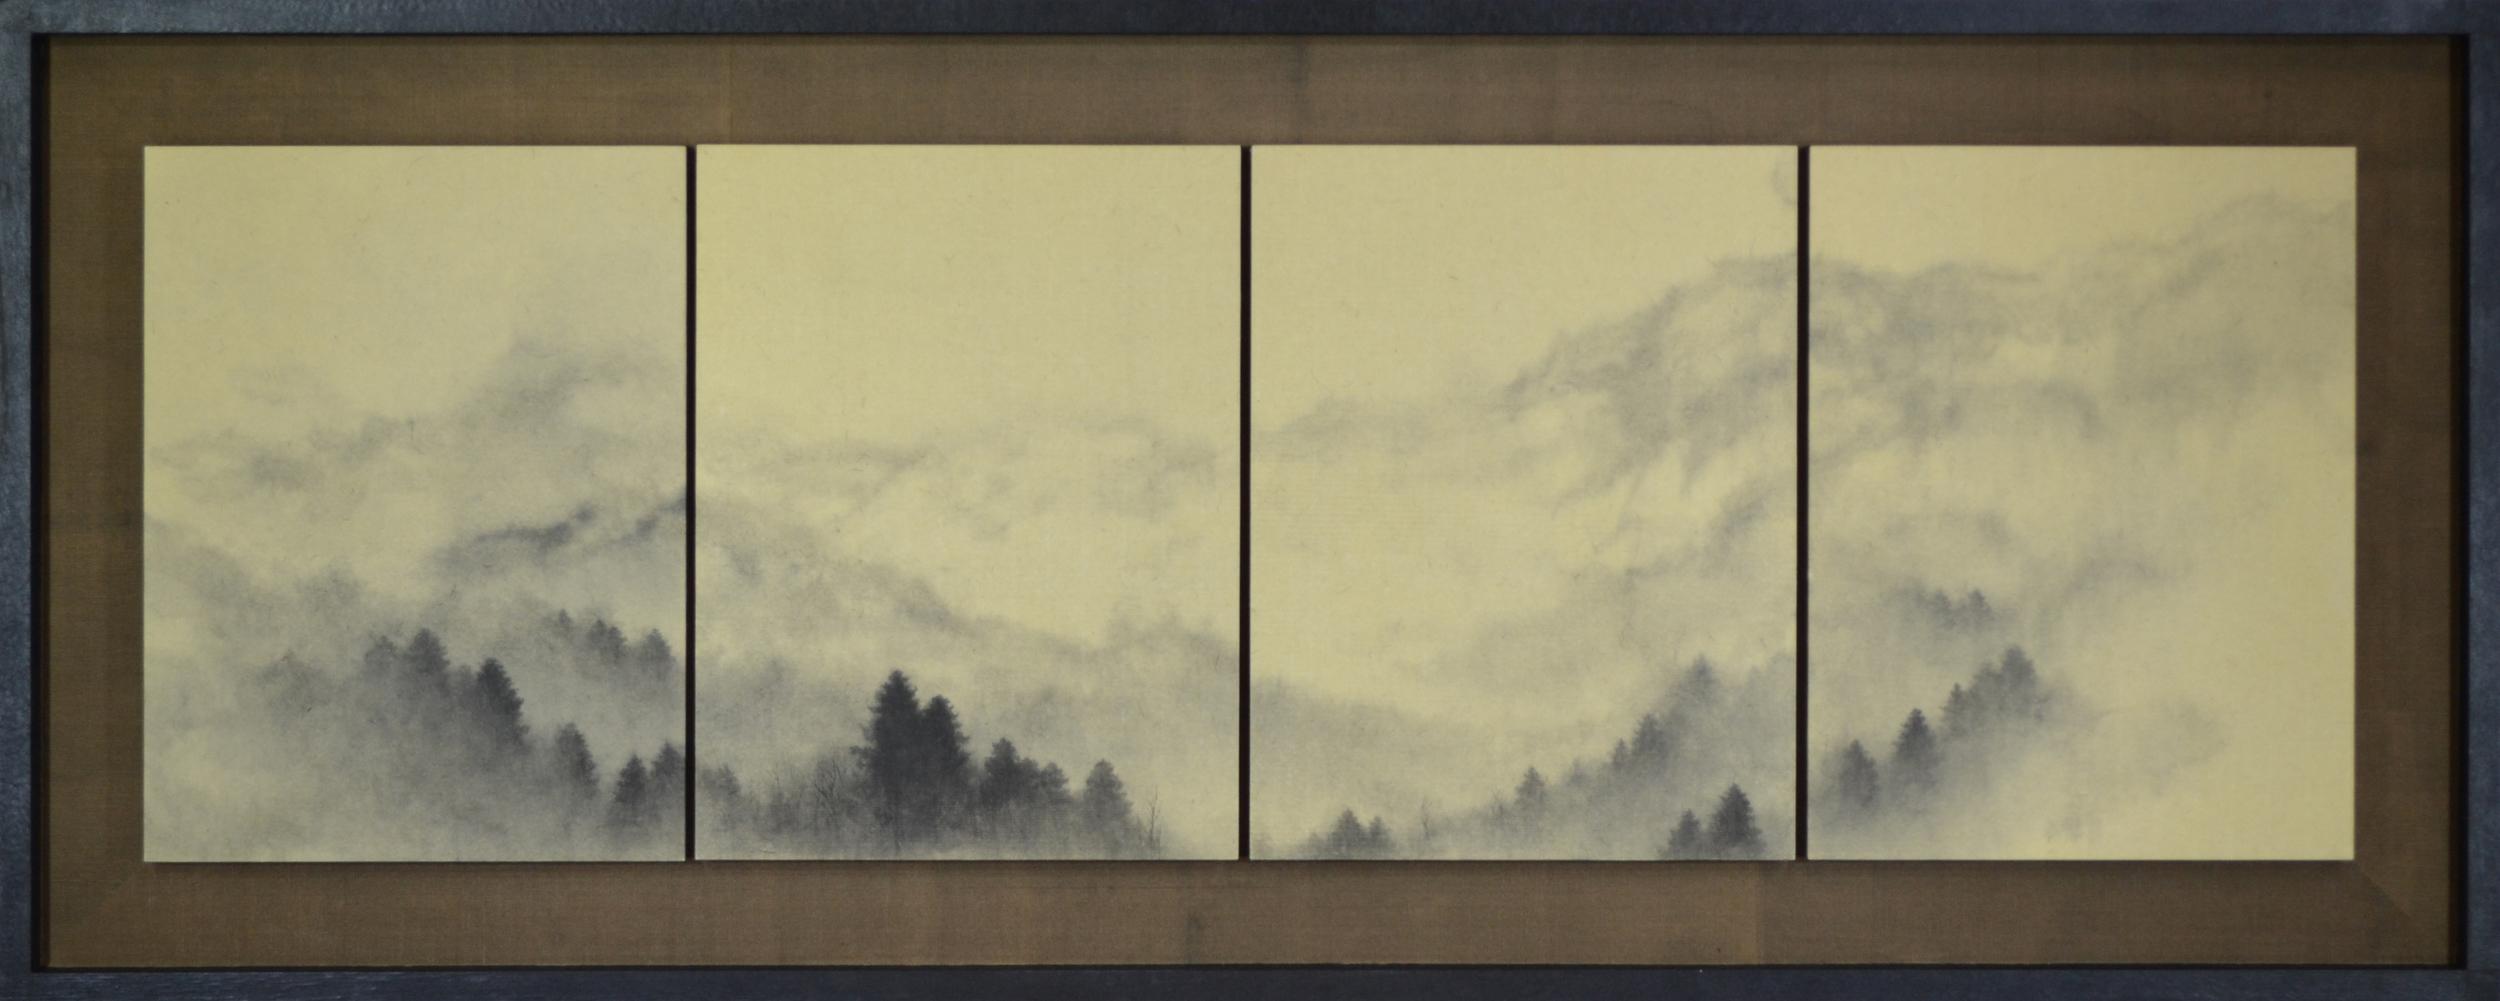 福山一光 | Ikko Fukuyama 山林図 |  Landscape , 2016